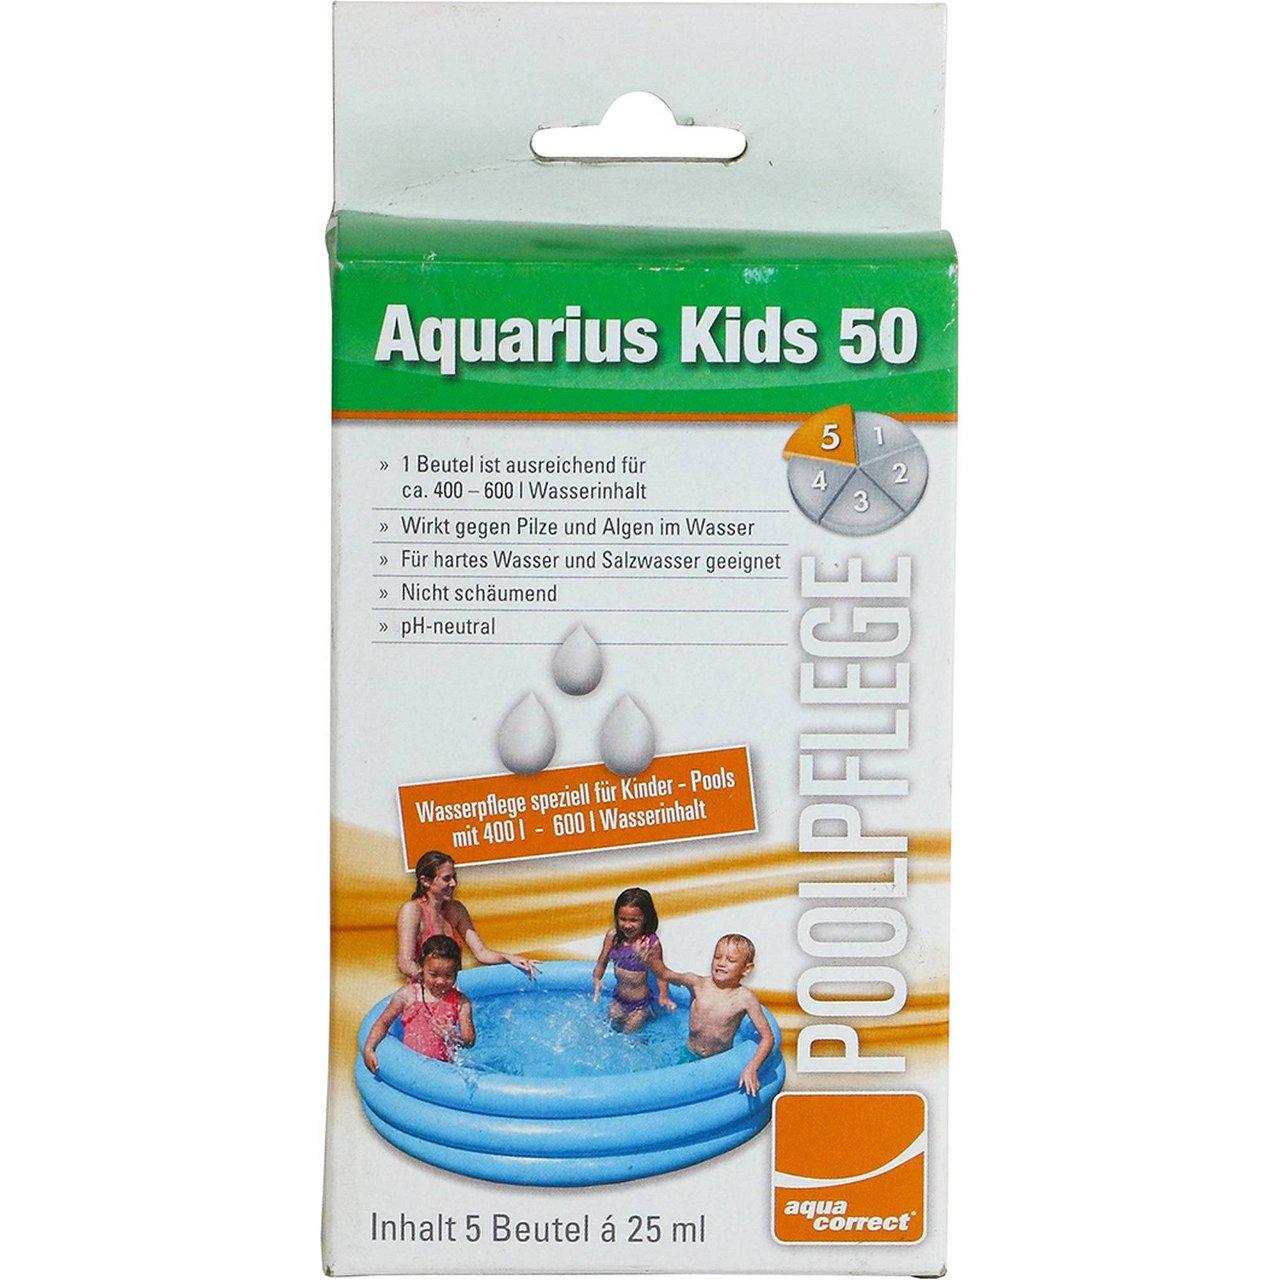 Aquarius Kids 50 - 5 x 25ml